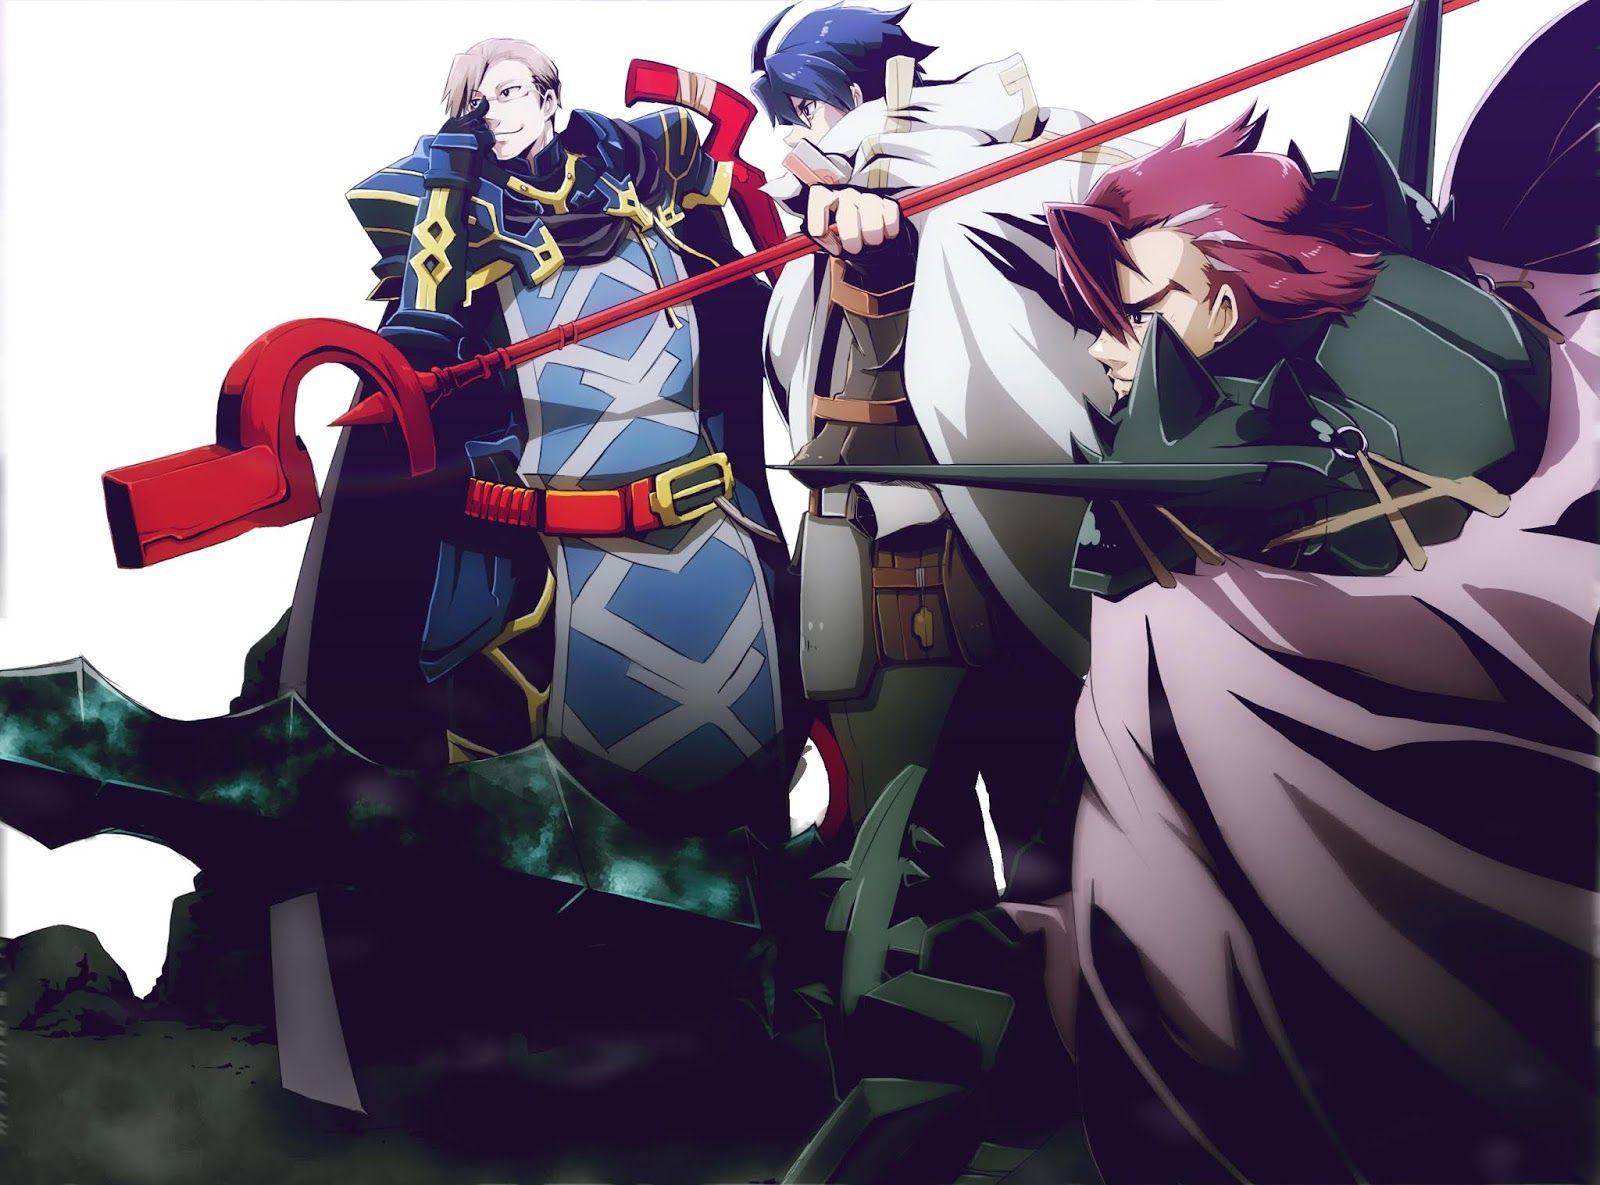 Los Japoneses eligen los animes Isekai como más